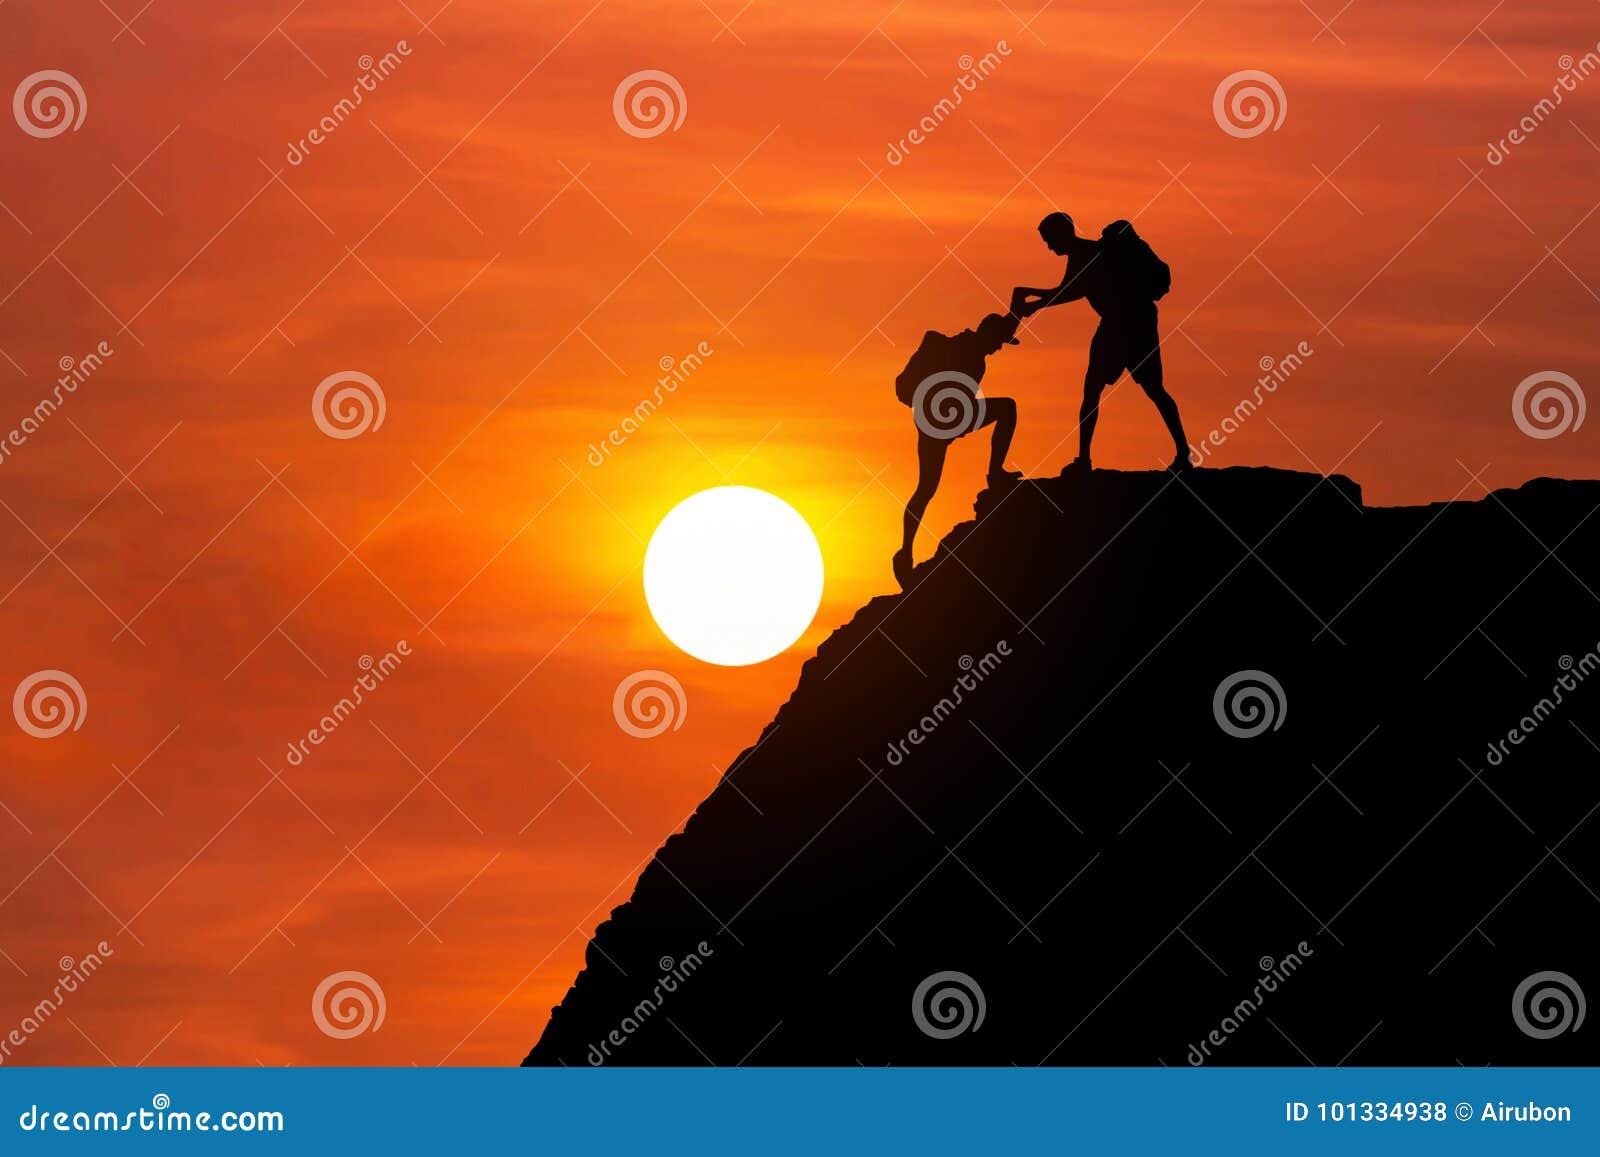 Konturbergsbestigaren ger portionhanden hans vän för att klättra det höga klippaberget tillsammans